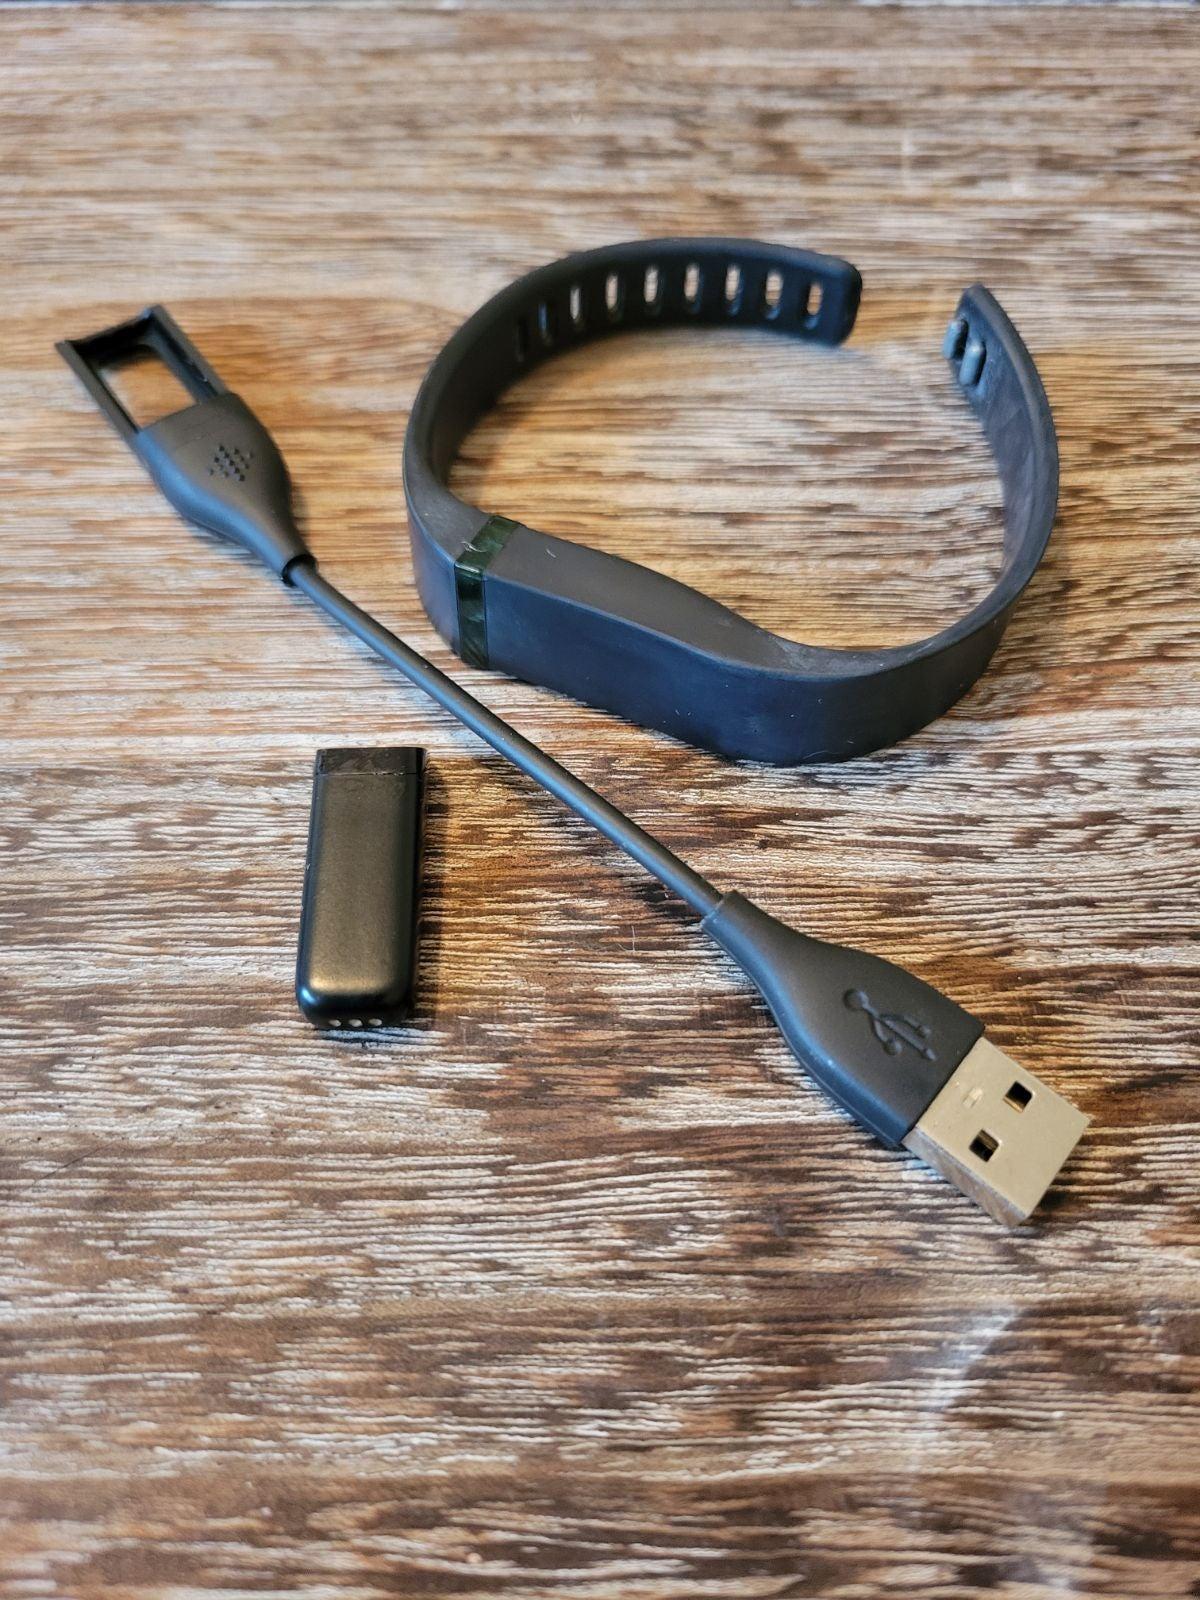 Fitbit flex fitness trackers